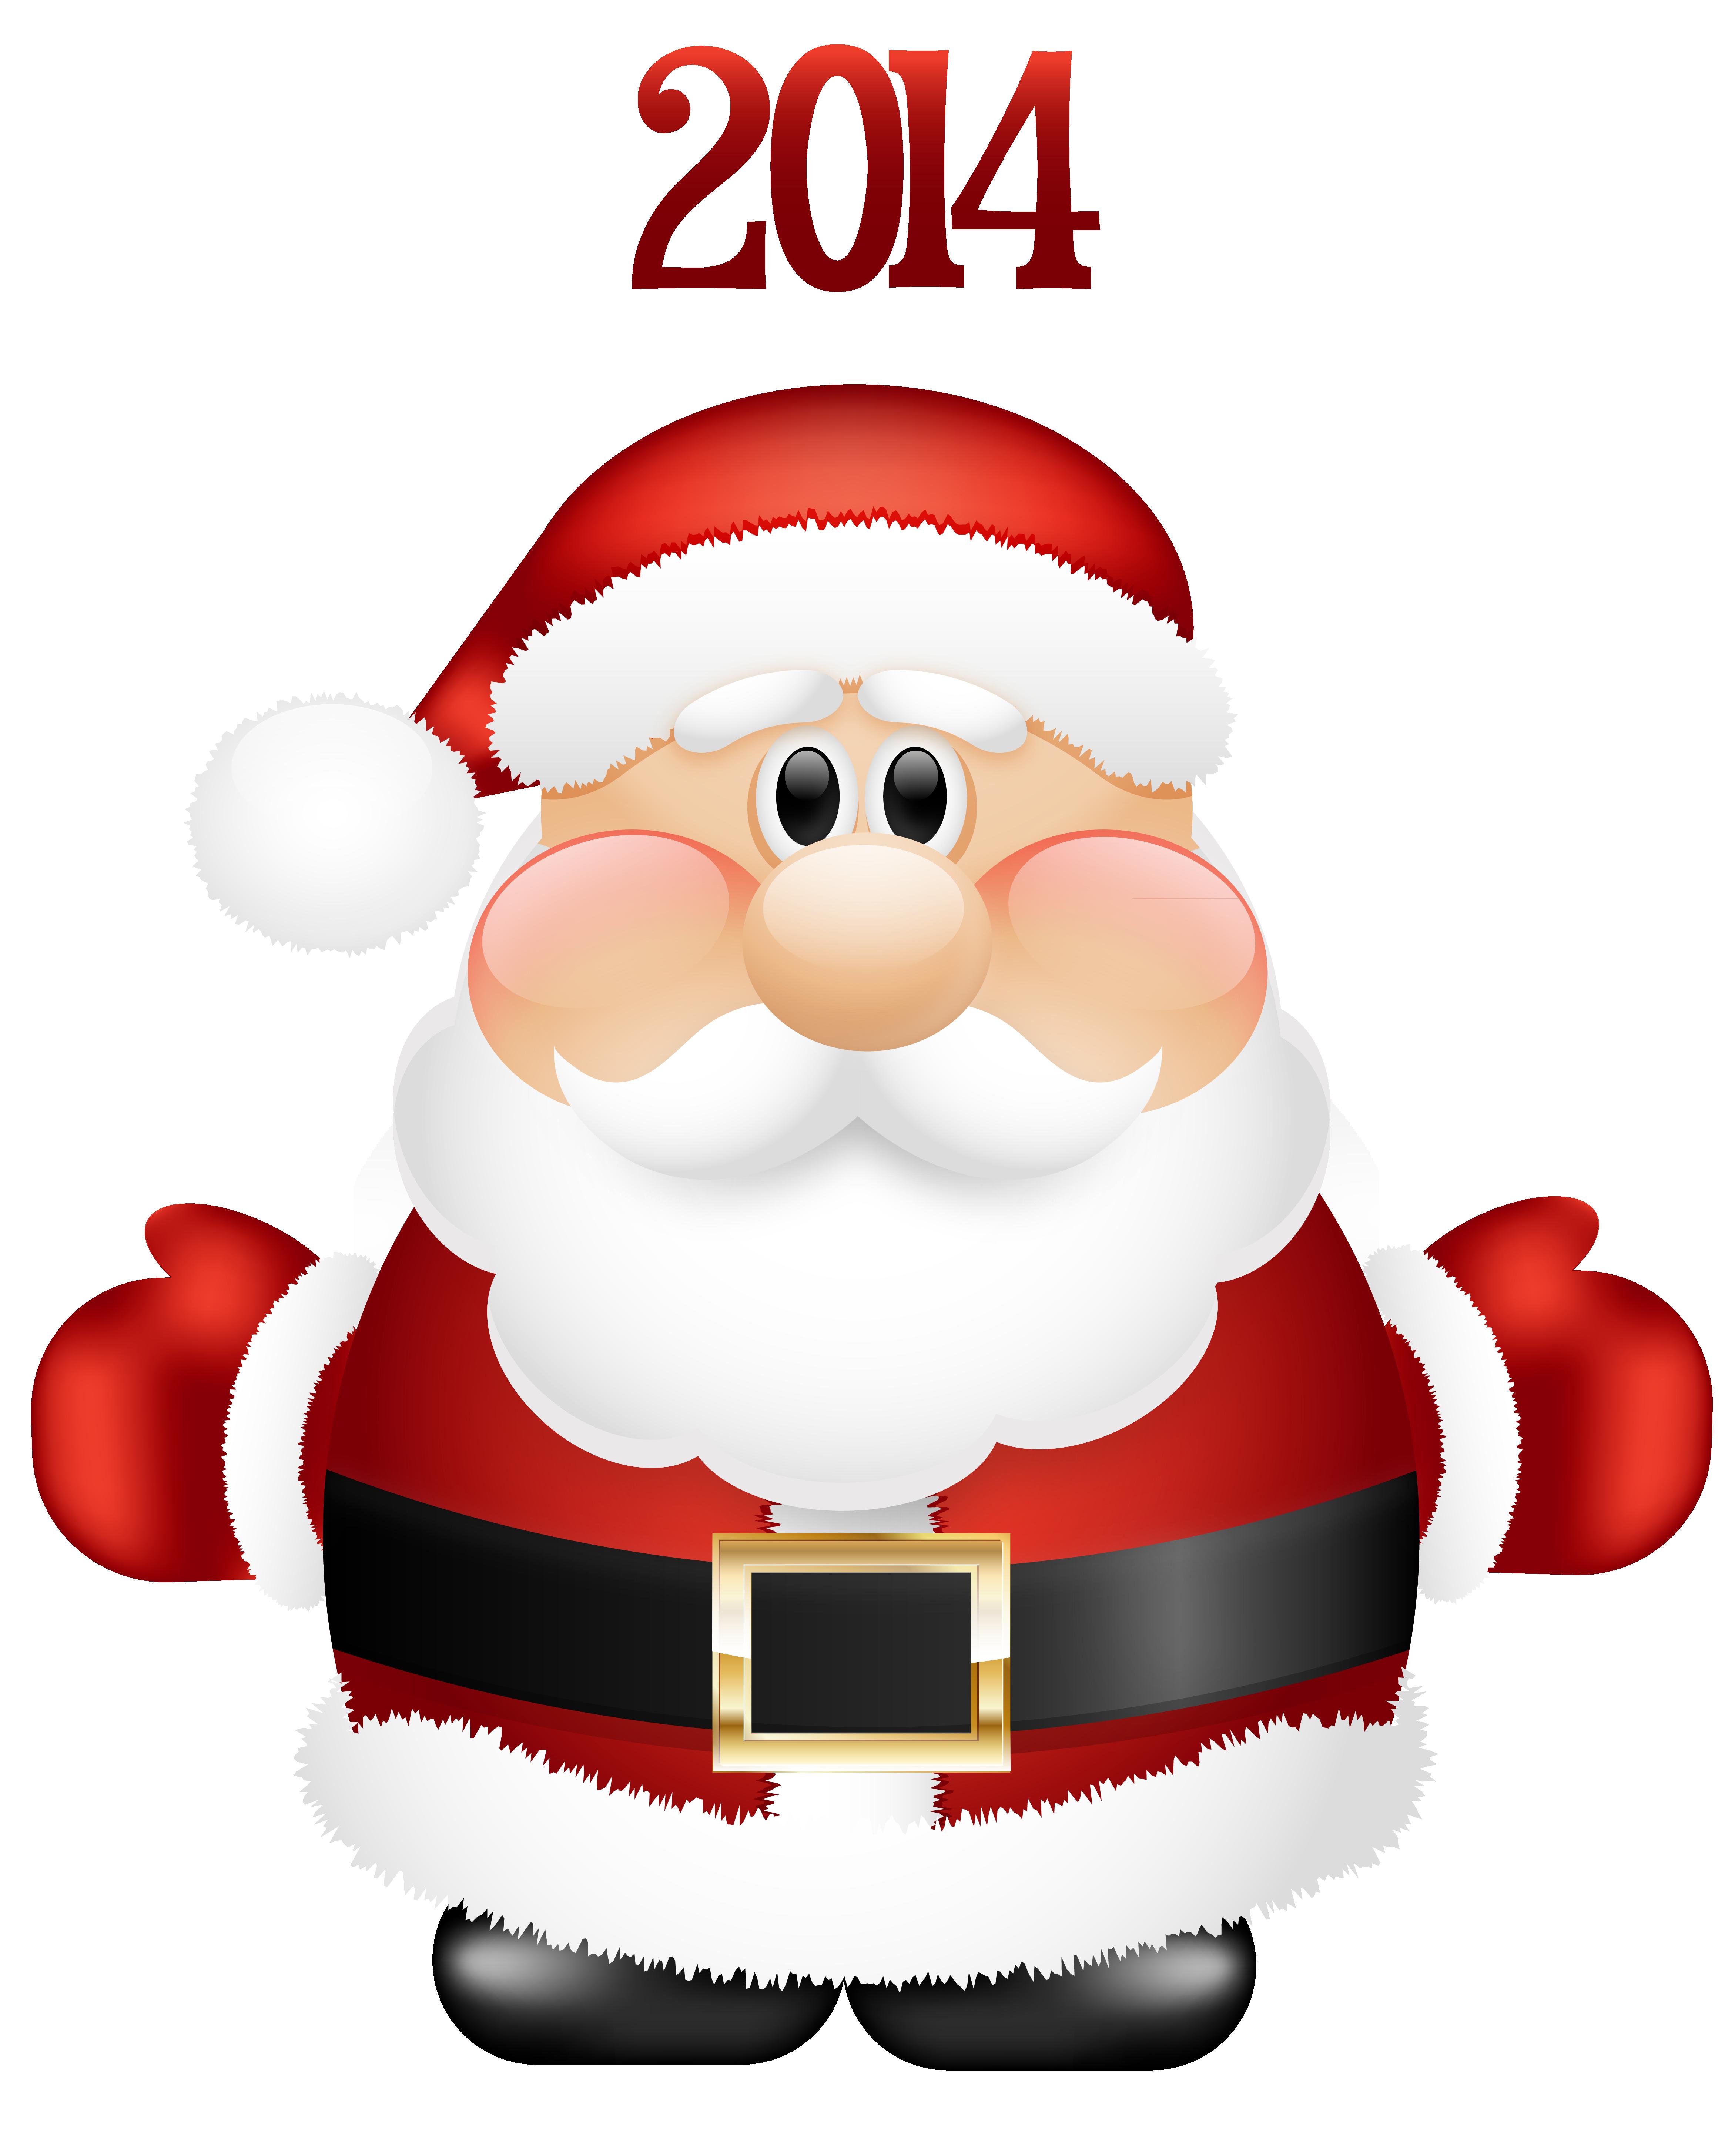 Santa clipart cute #9